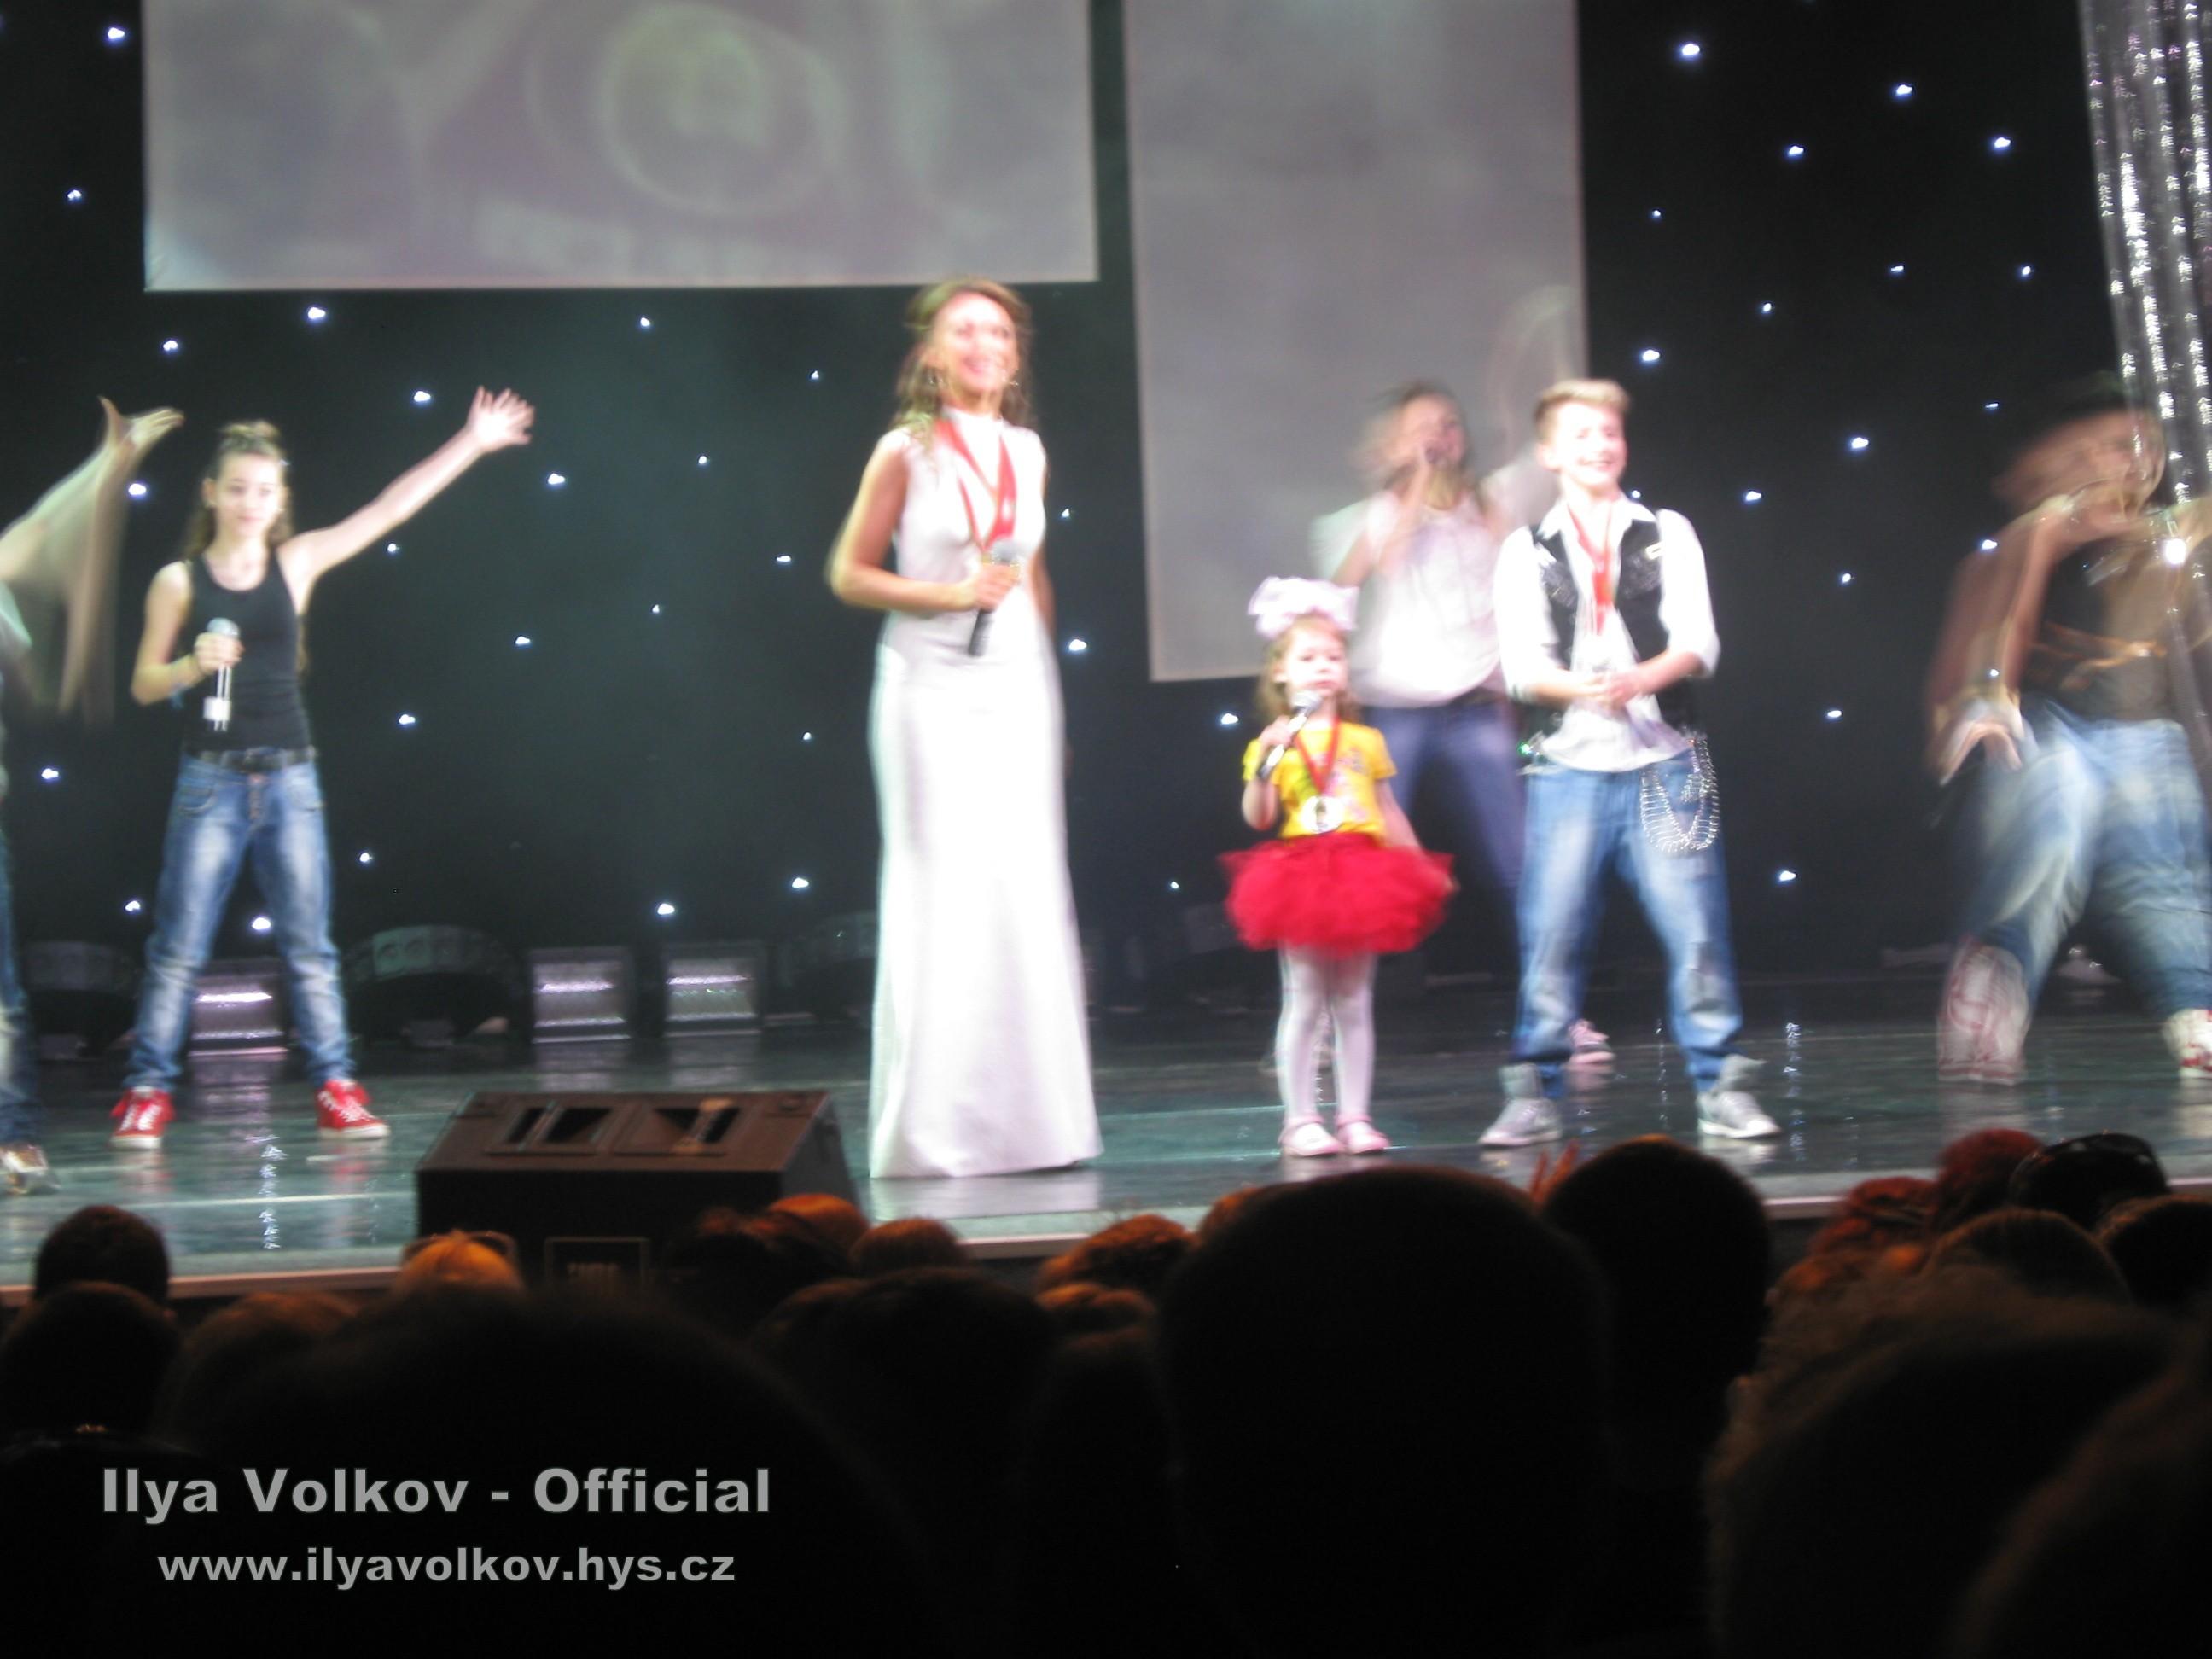 Ilya Volkov - Concert with JANET 2014  (10)